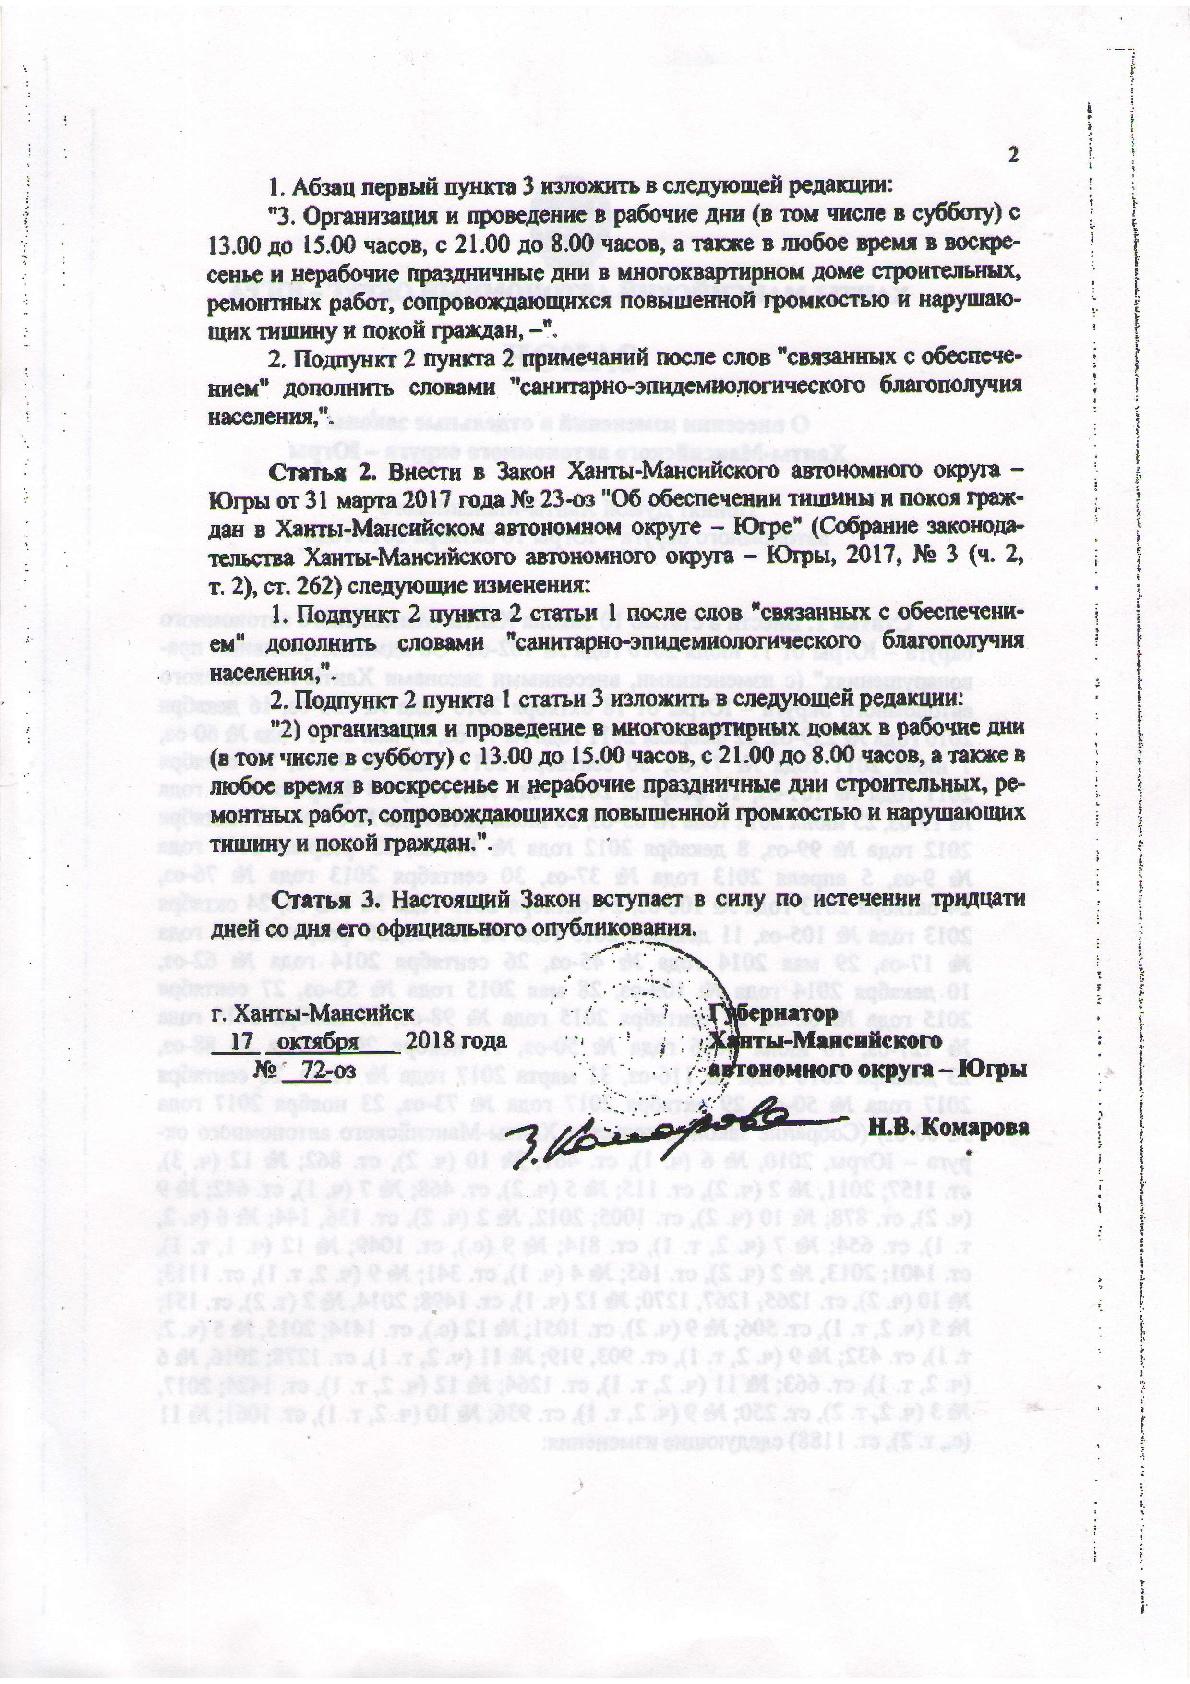 О внесении изменений в отдельные законы ХМАО-Югры от 16 октября 2018 года